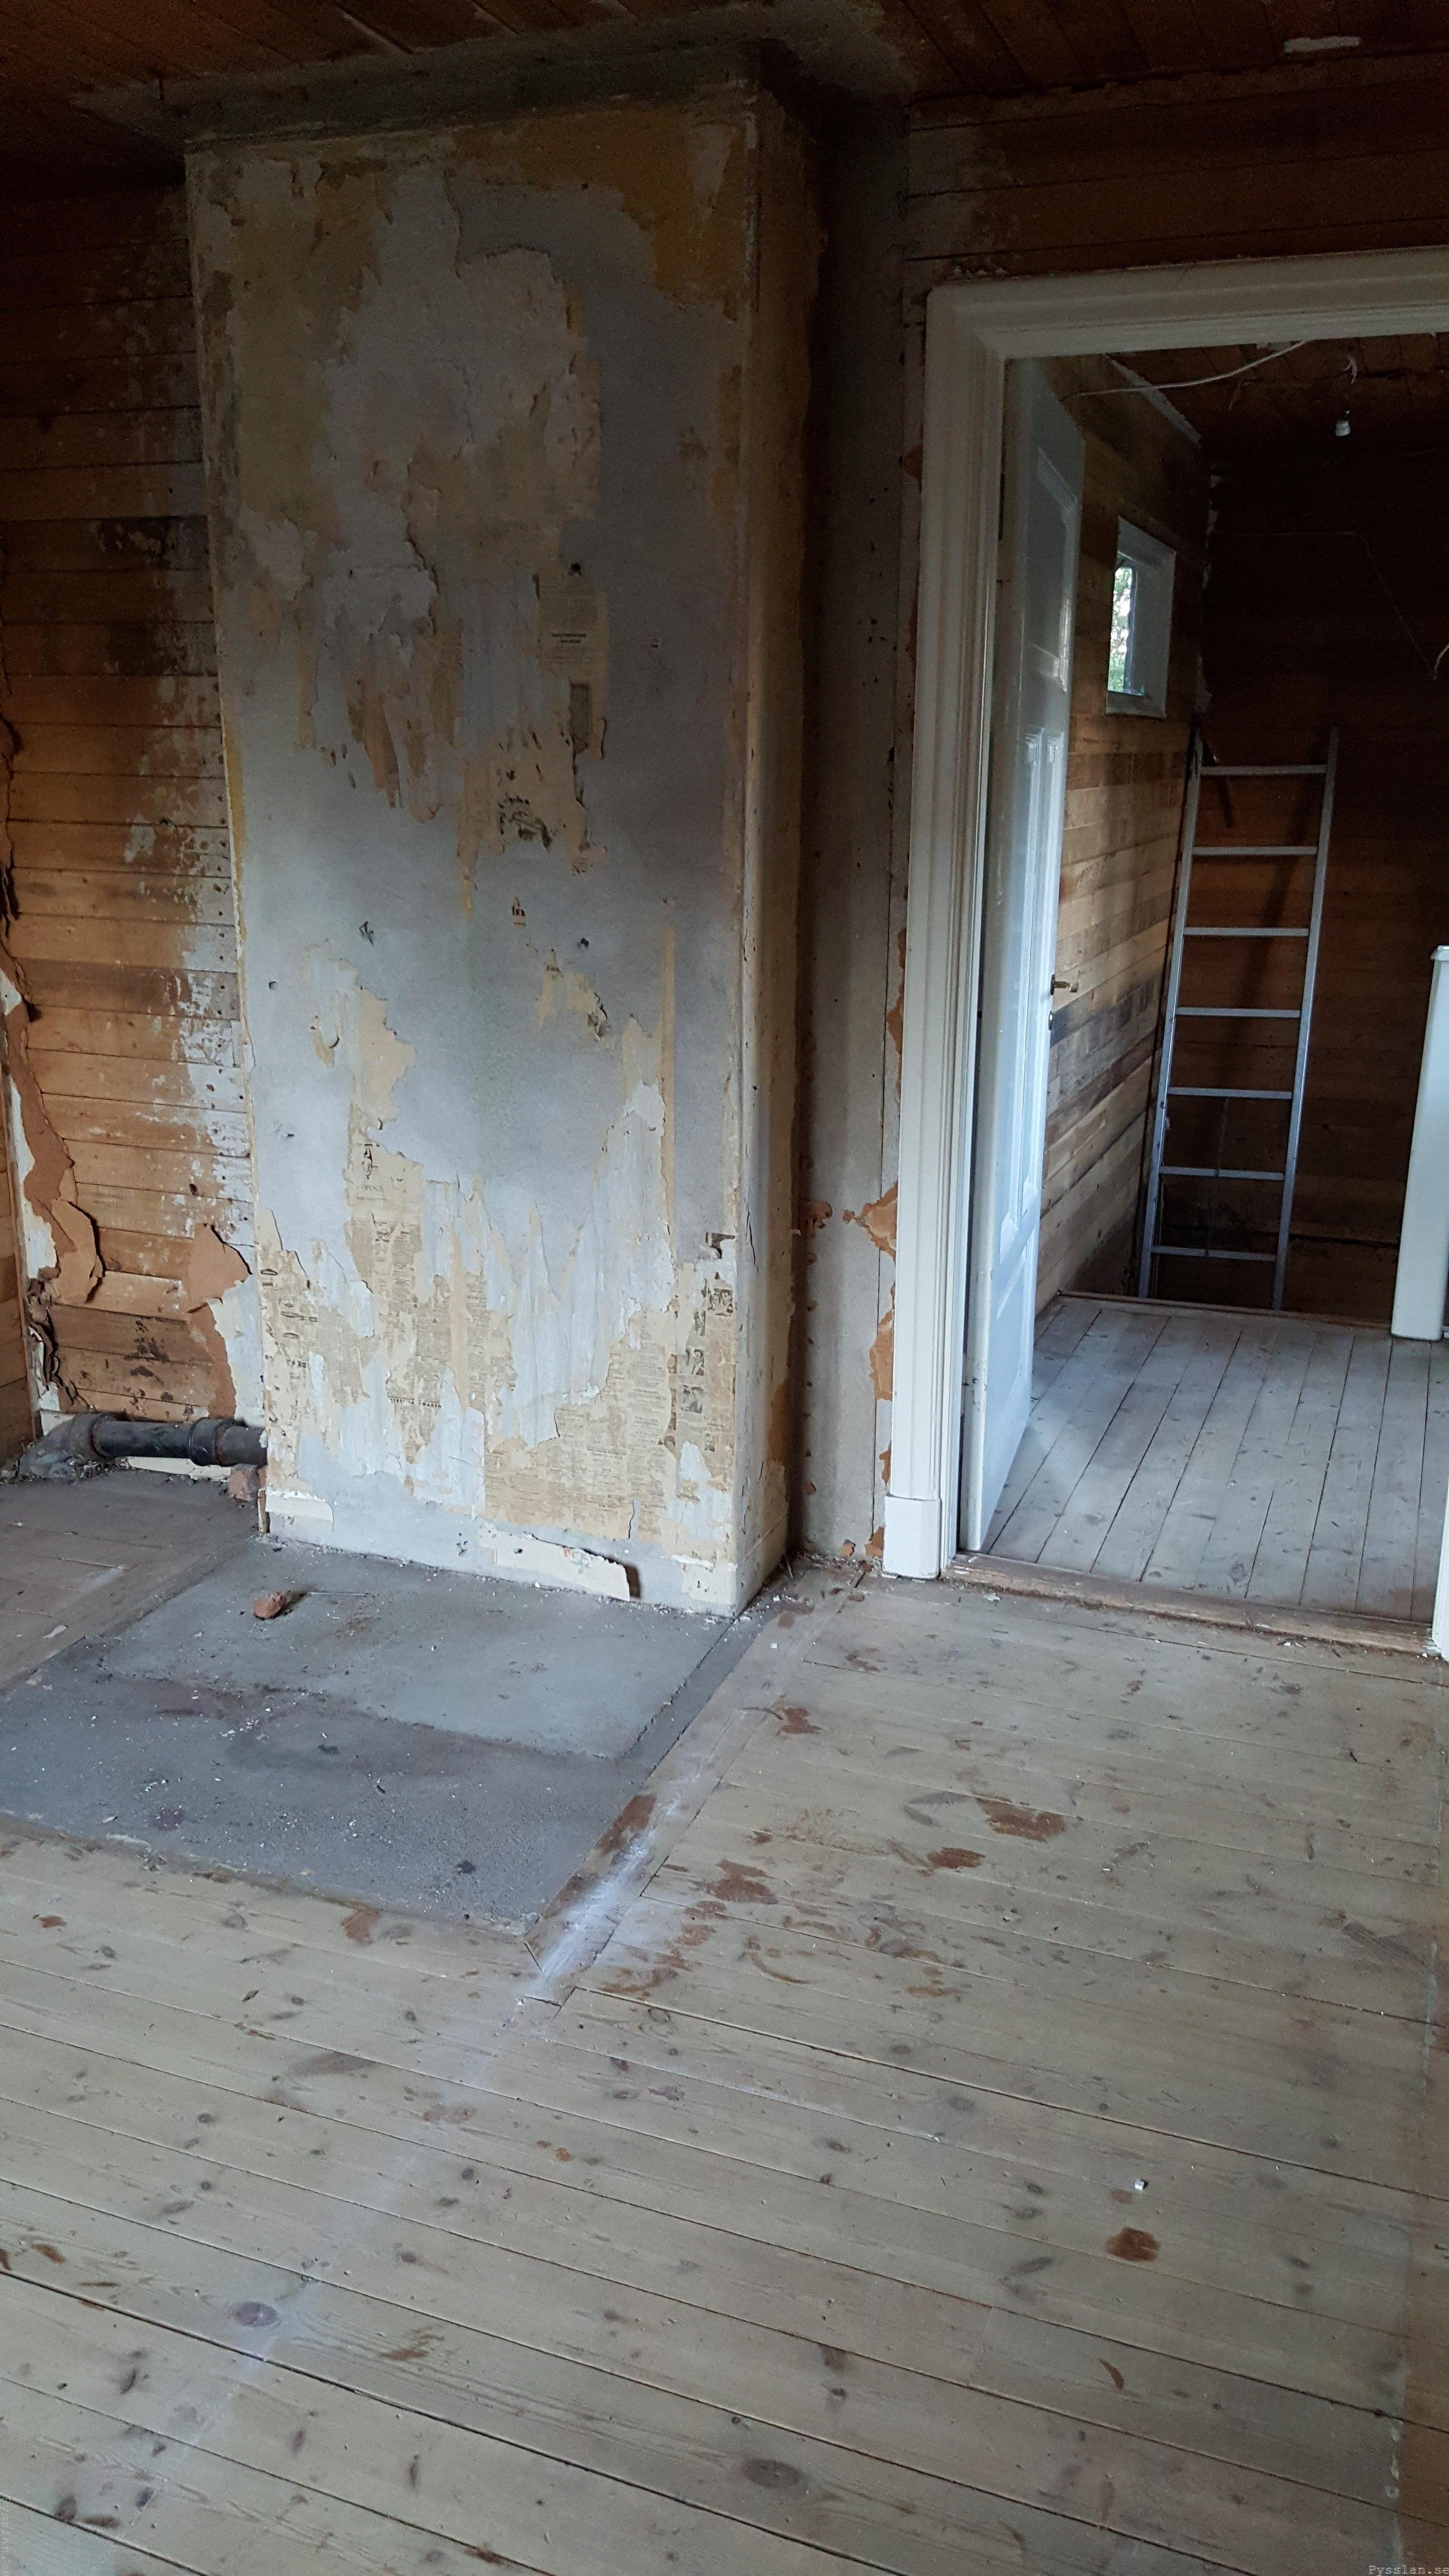 rena plankväggar furugolv stora sovrummet 20-talsdröm 20-talshus renovering pysslan blogg